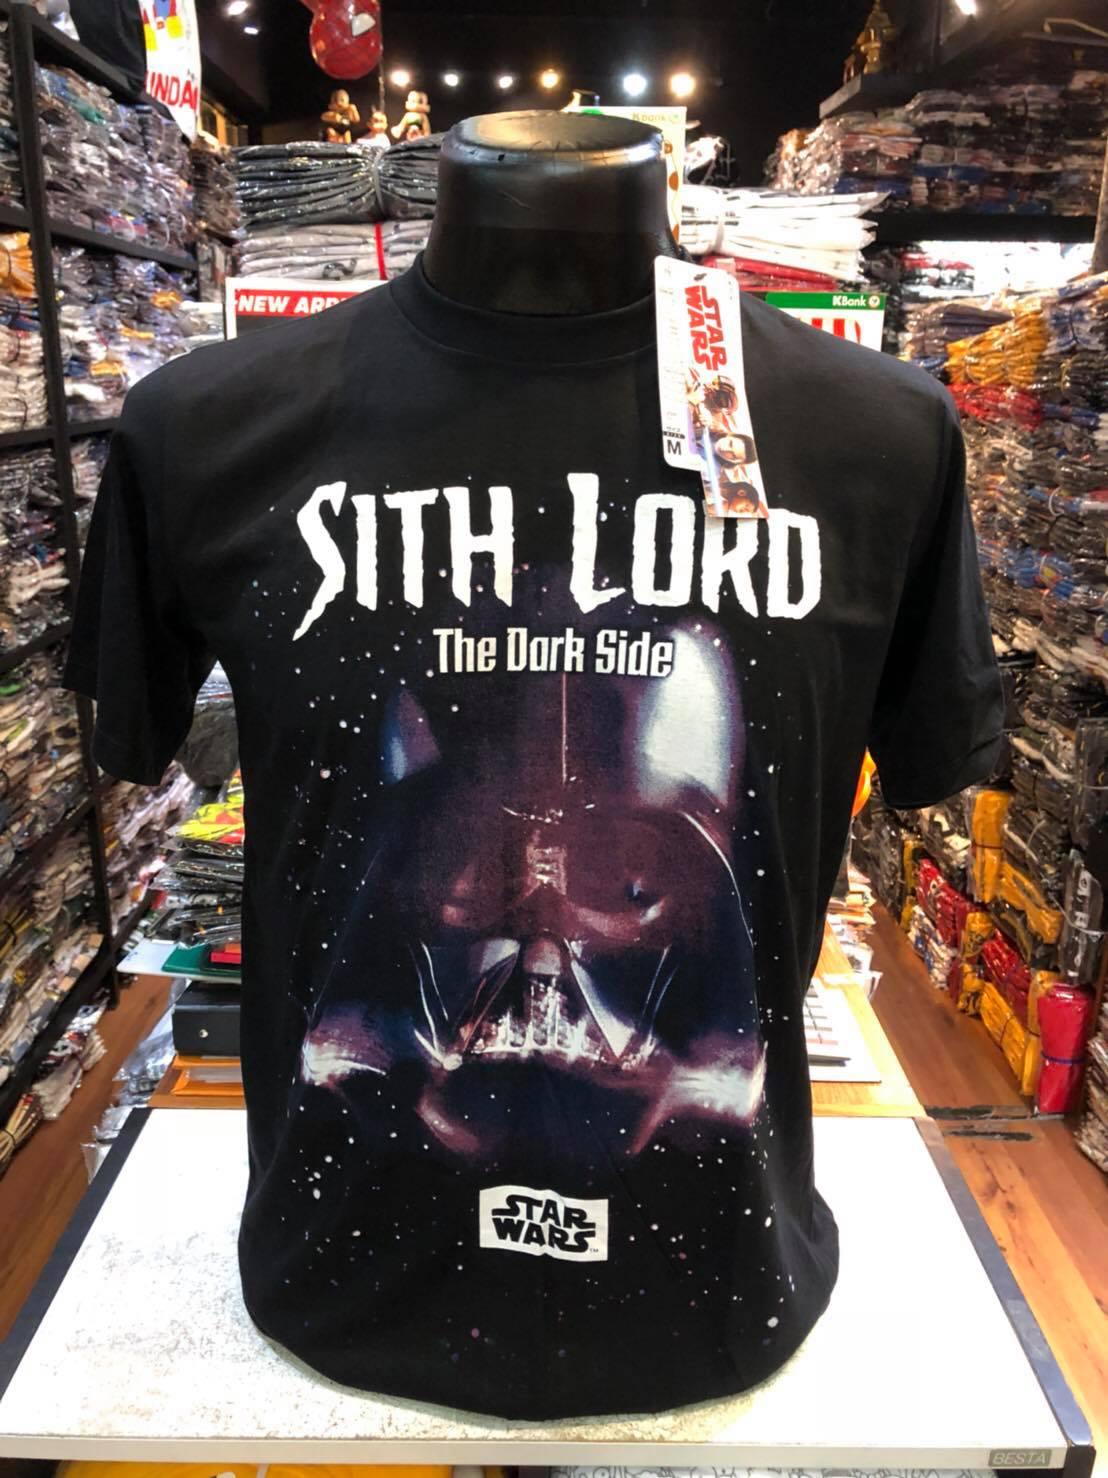 สตาร์วอร์ สีดำ (STH-Sith Lord The dark side black)